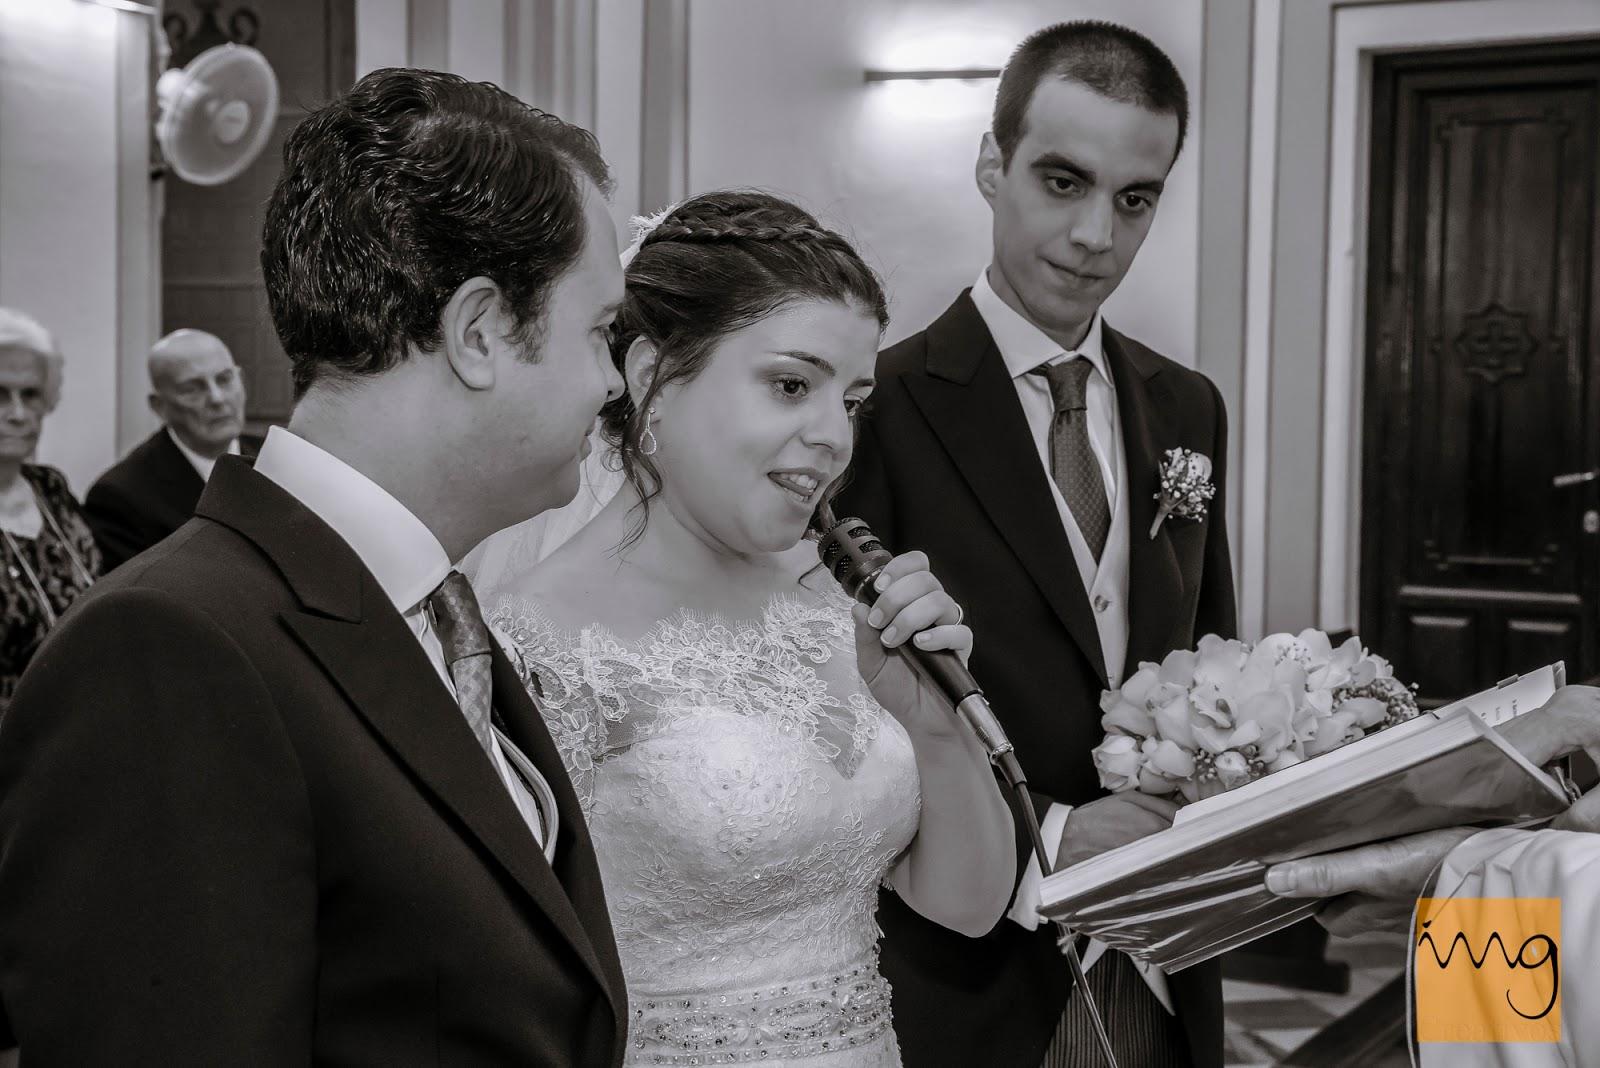 Fotografía de boda, los votos de la novia